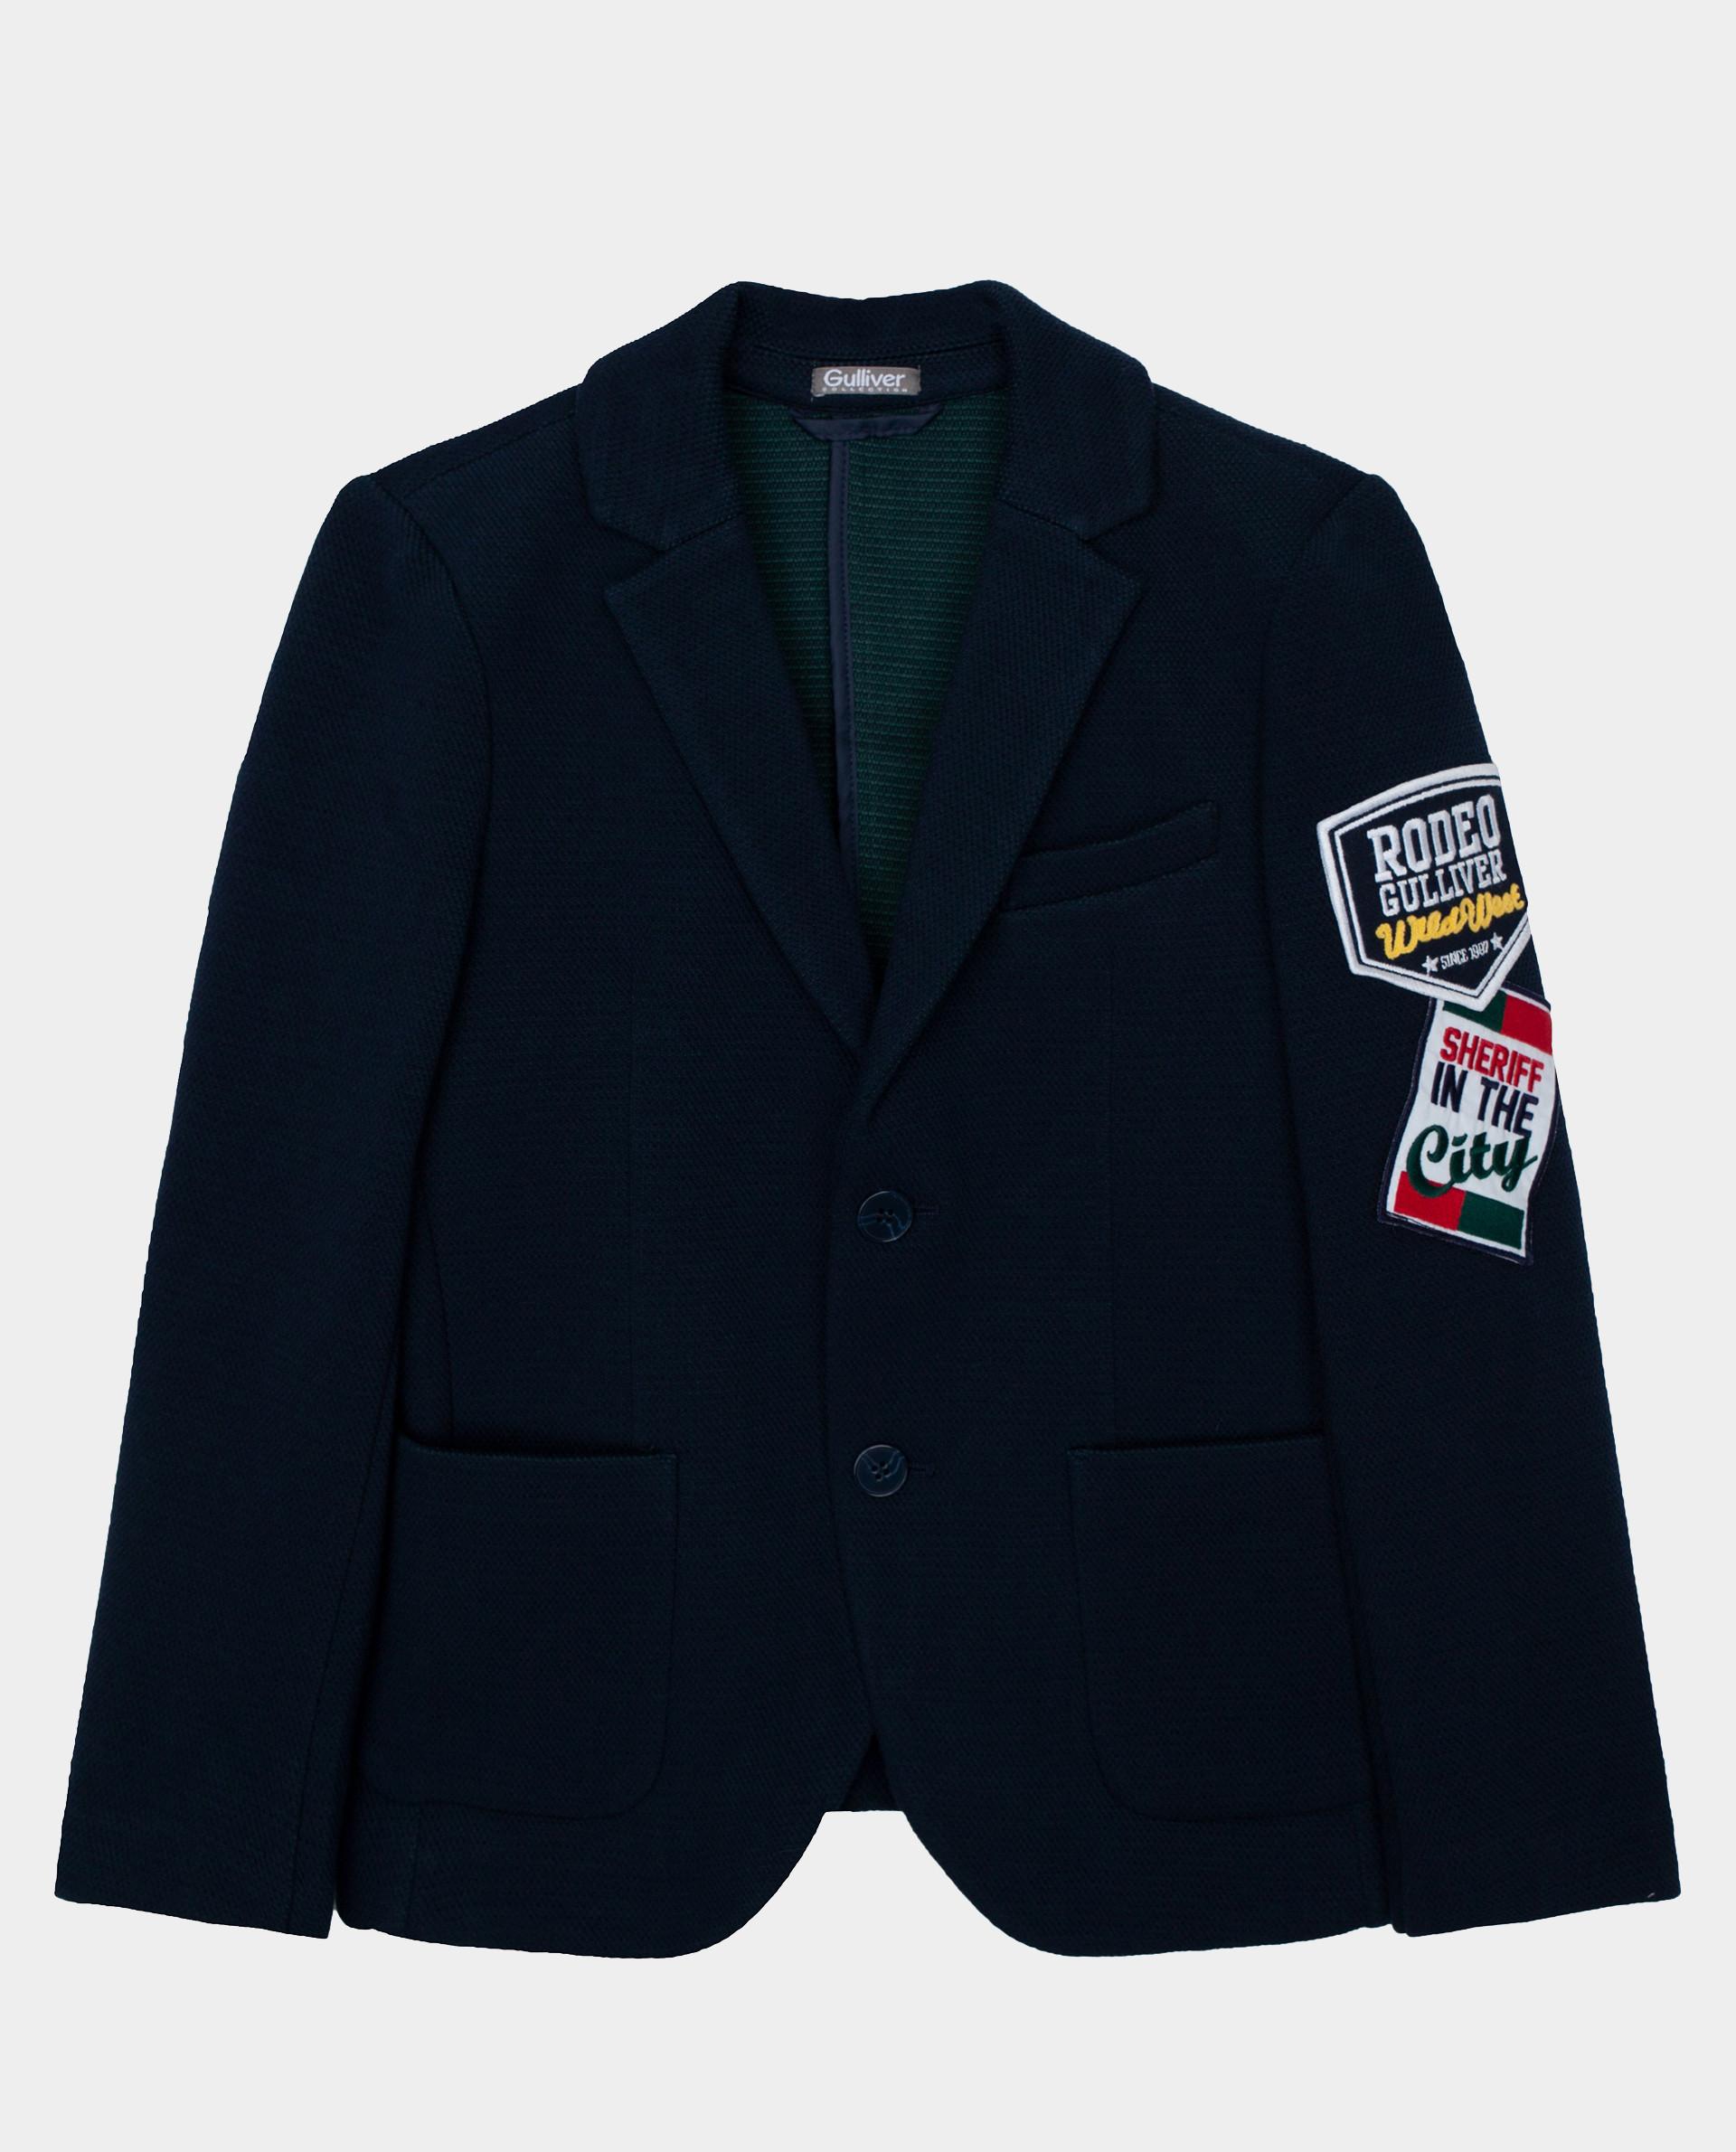 Купить Синий пиджак Gulliver размер 146 22011BJC1901,